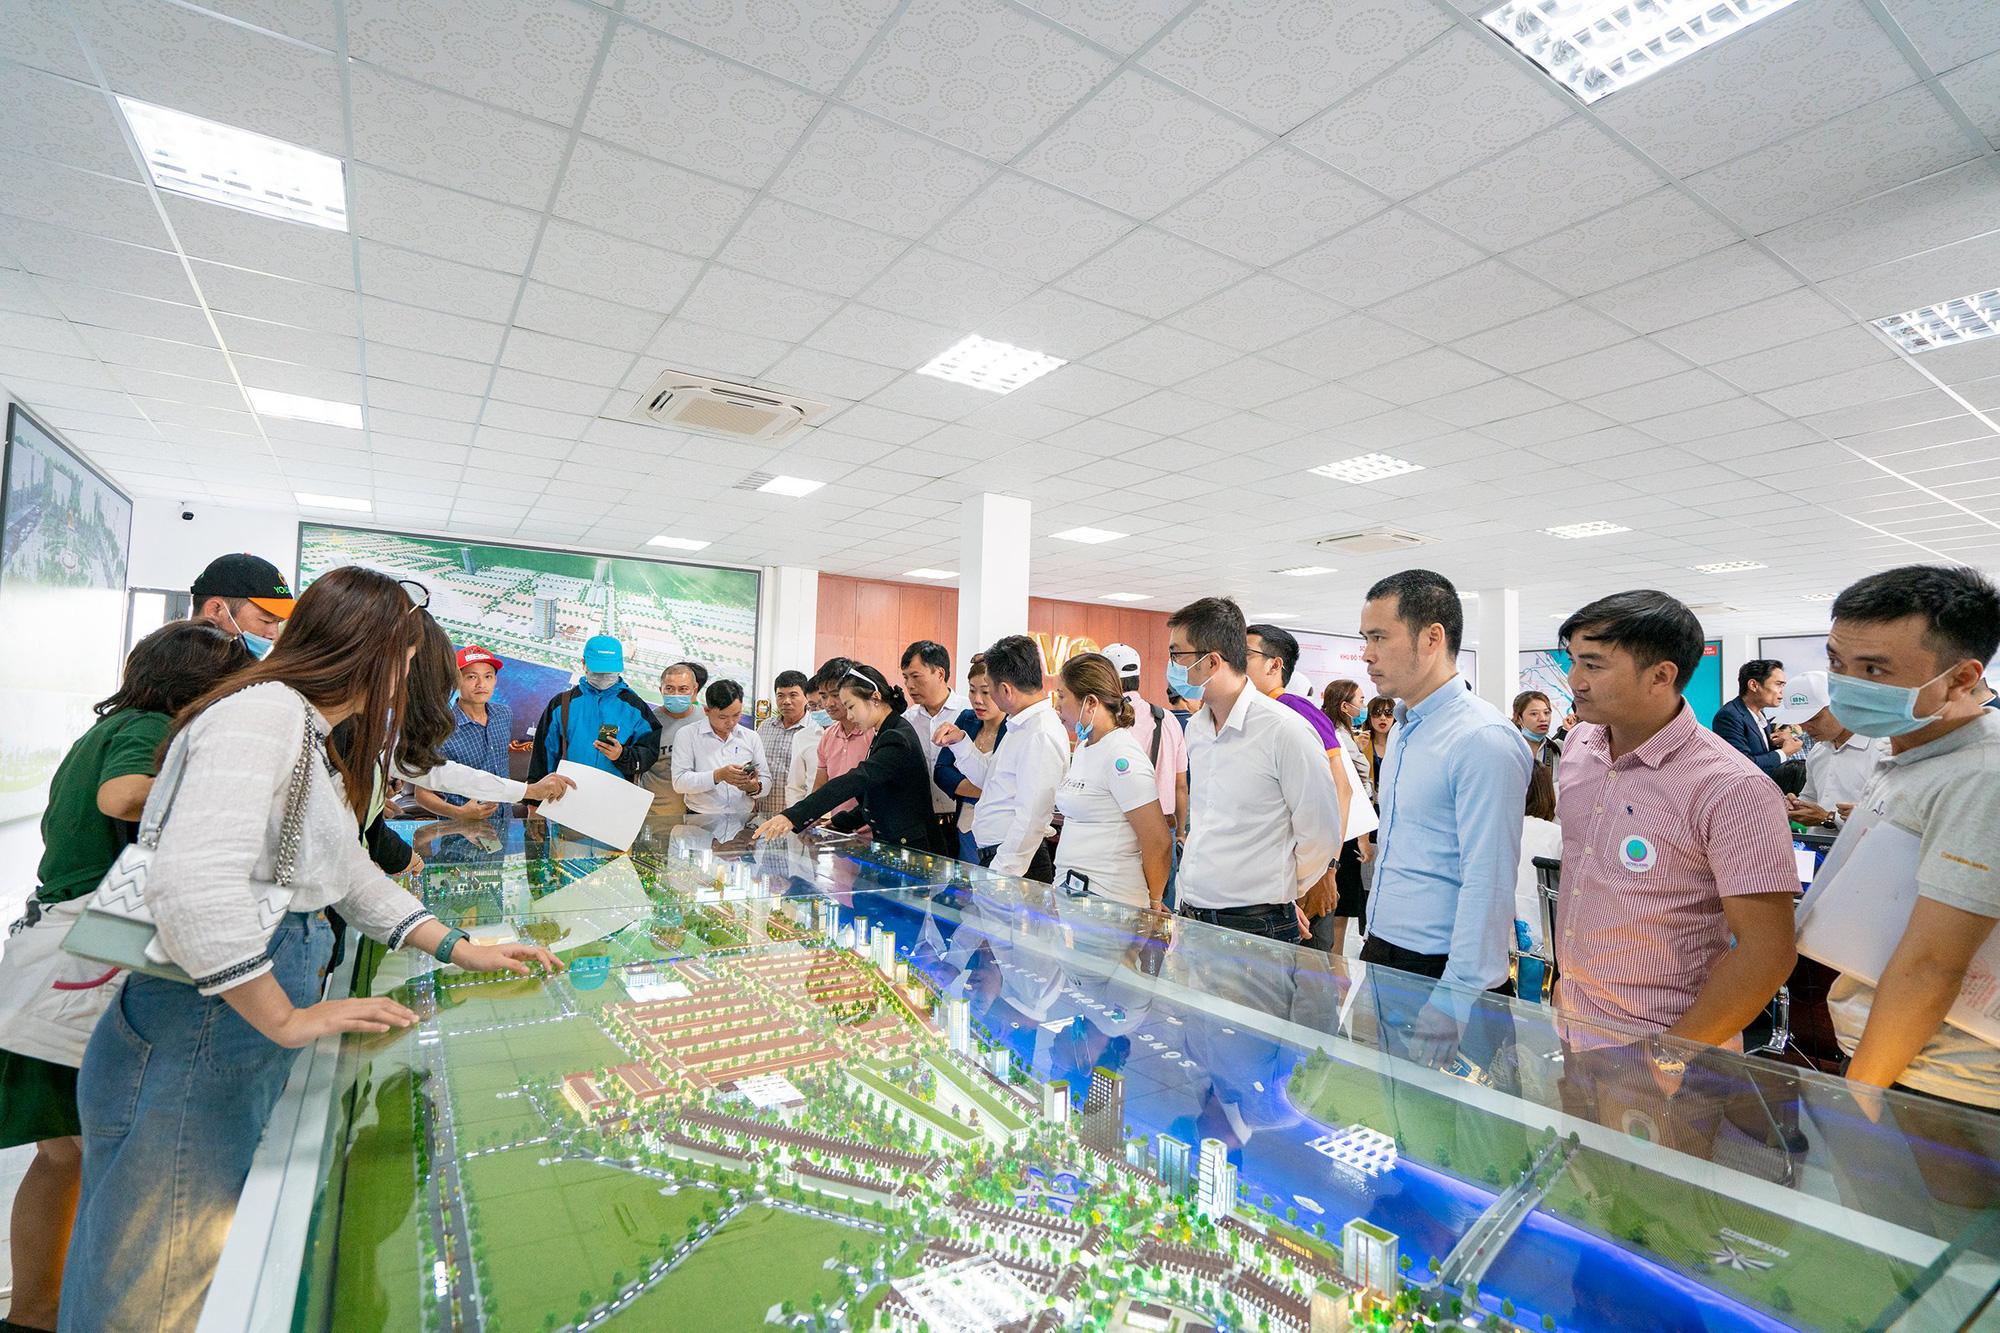 Tập đoàn FVG chính thức ra mắt nhà đầu tư dự án Vịnh An Hòa - Ảnh 3.